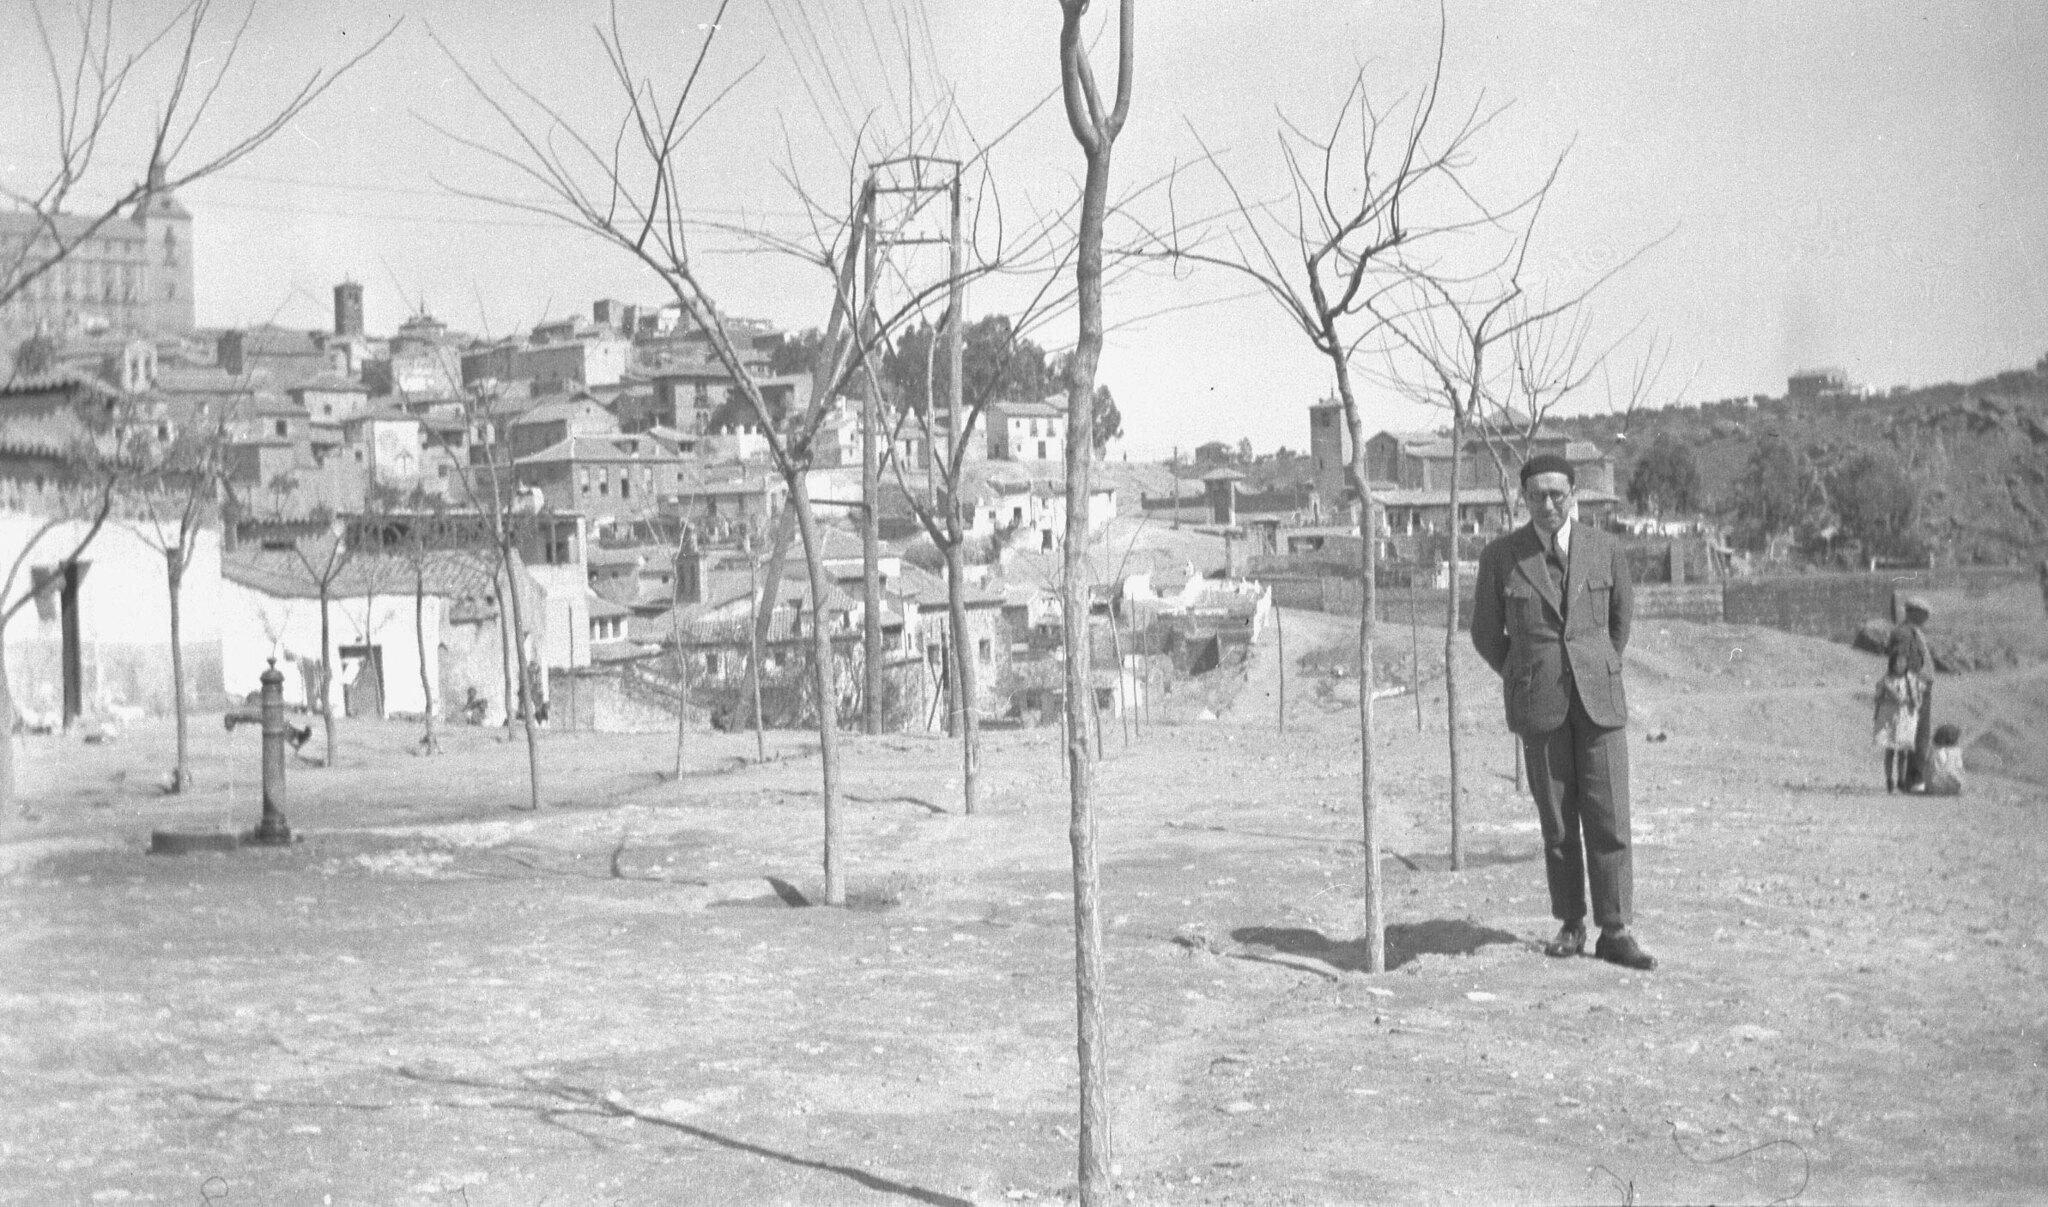 Giacomo Antonini en Toledo el 23 de marzo de 1935. Fotografía de Reijnier Flaes, (pseudónimo F.C. Terborgh). Cortesía de Jan Doets.